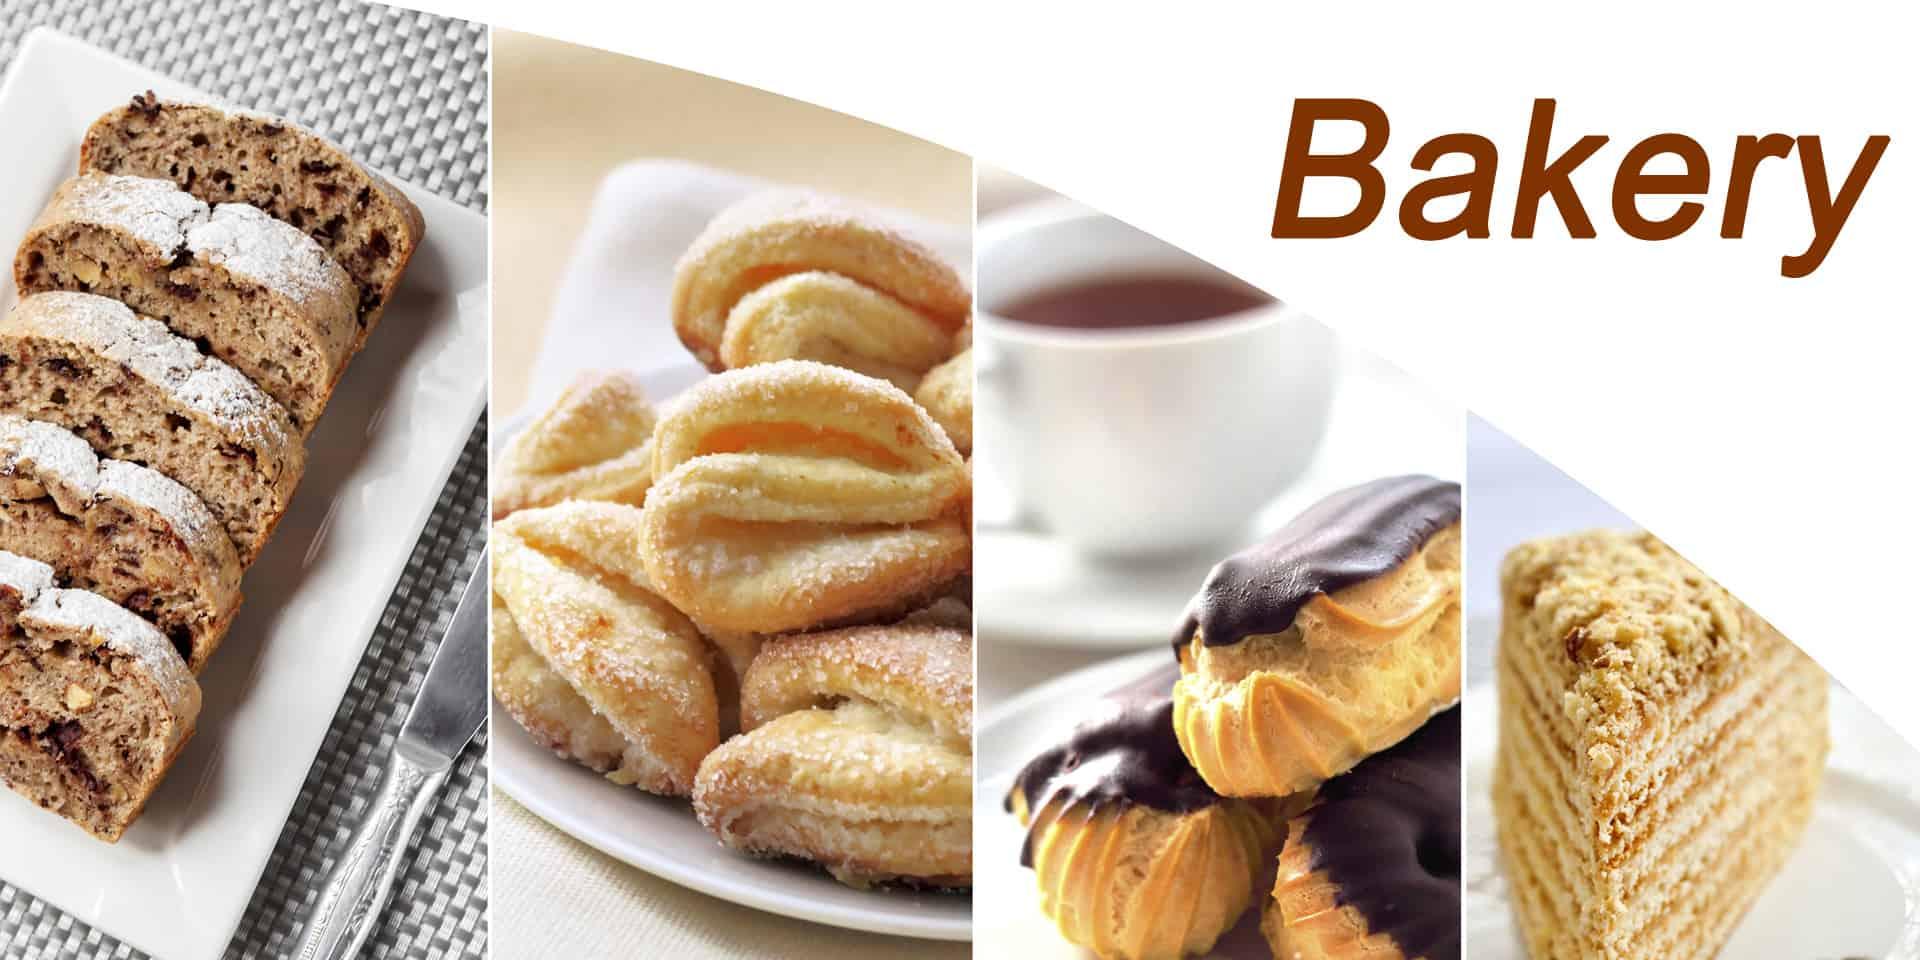 เครื่องผสมอาหาร-SM15-11-bakery